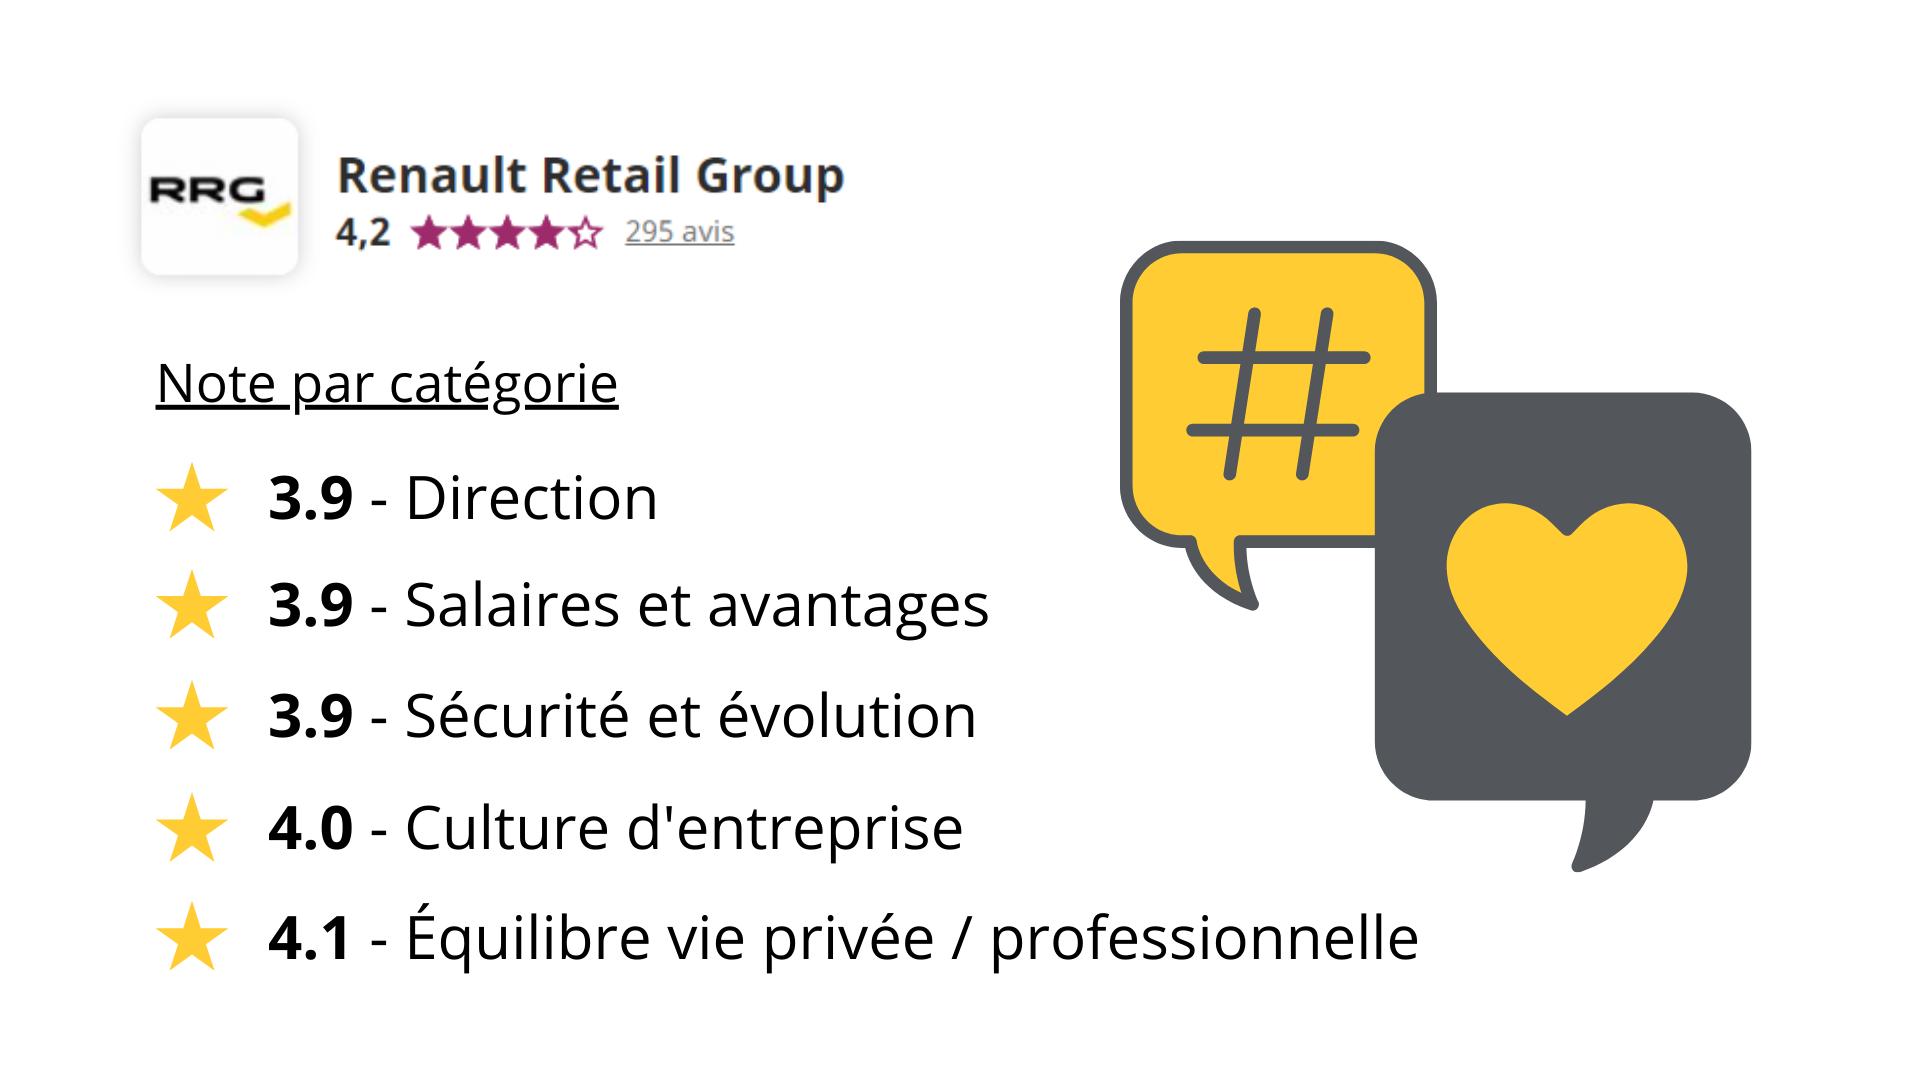 Capture d'écran du recueil des notes par catégorie attribuées à Renault Retail Groupe sur le site internet Indeed (notation sur 5) : 3.9 en Direction, 3.9 en Salaires et avantages, 3.9 en Sécurité et évolution, 4.0 en Culture d'entreprise, 4.1 en Equilibre vie privée / professionnelle